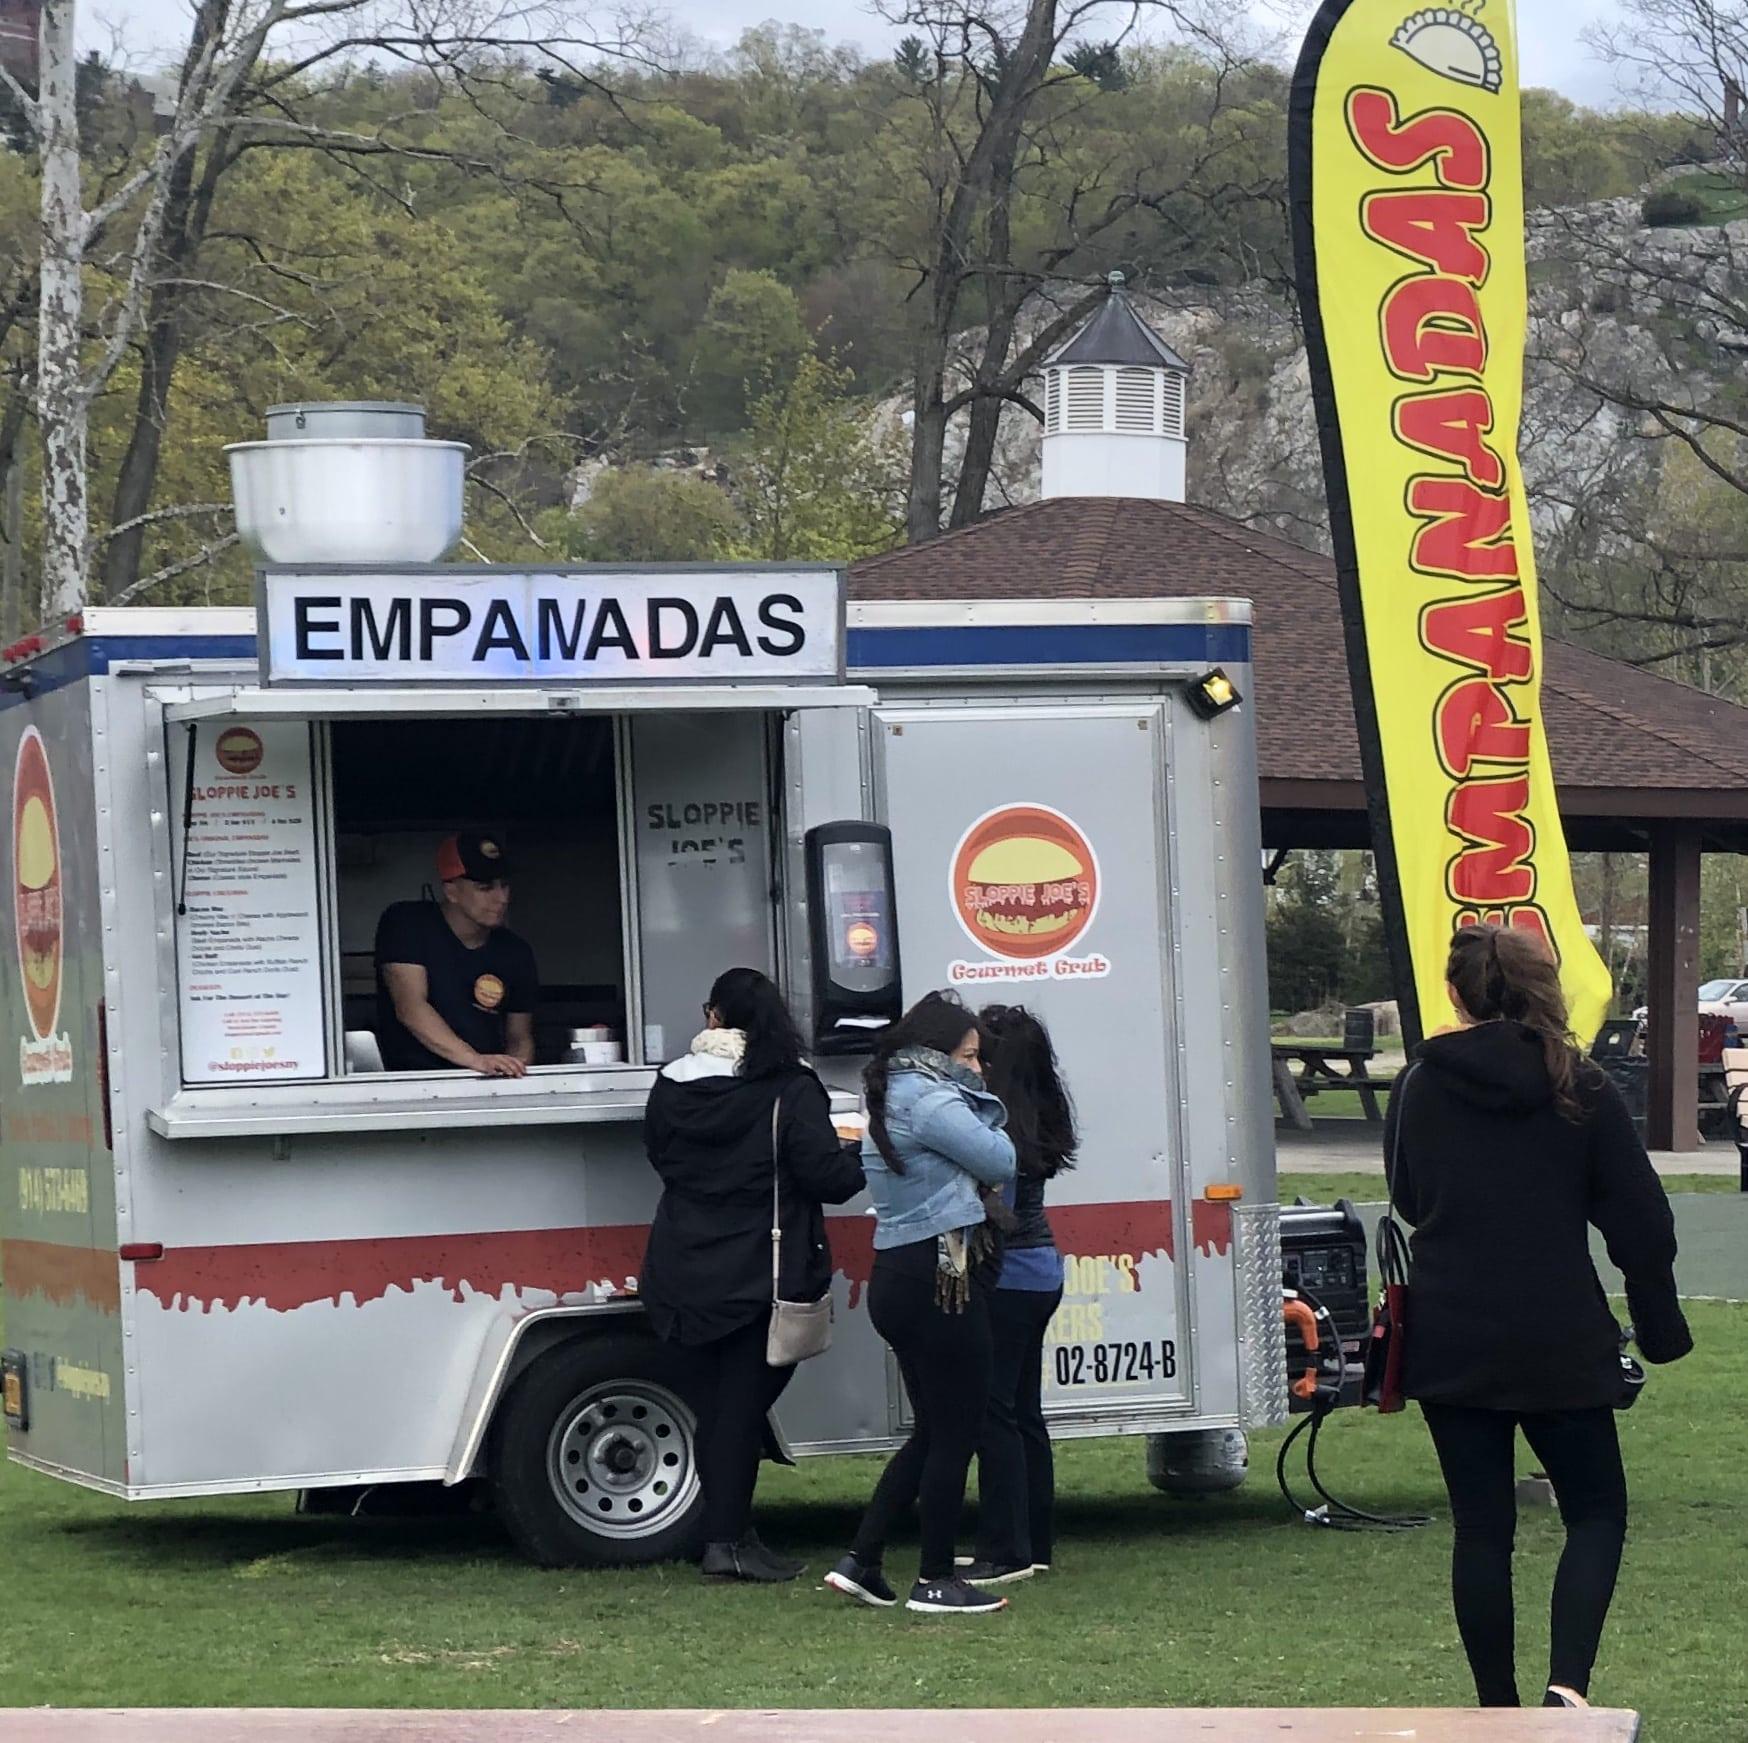 Sloppie Joe's Food Cart